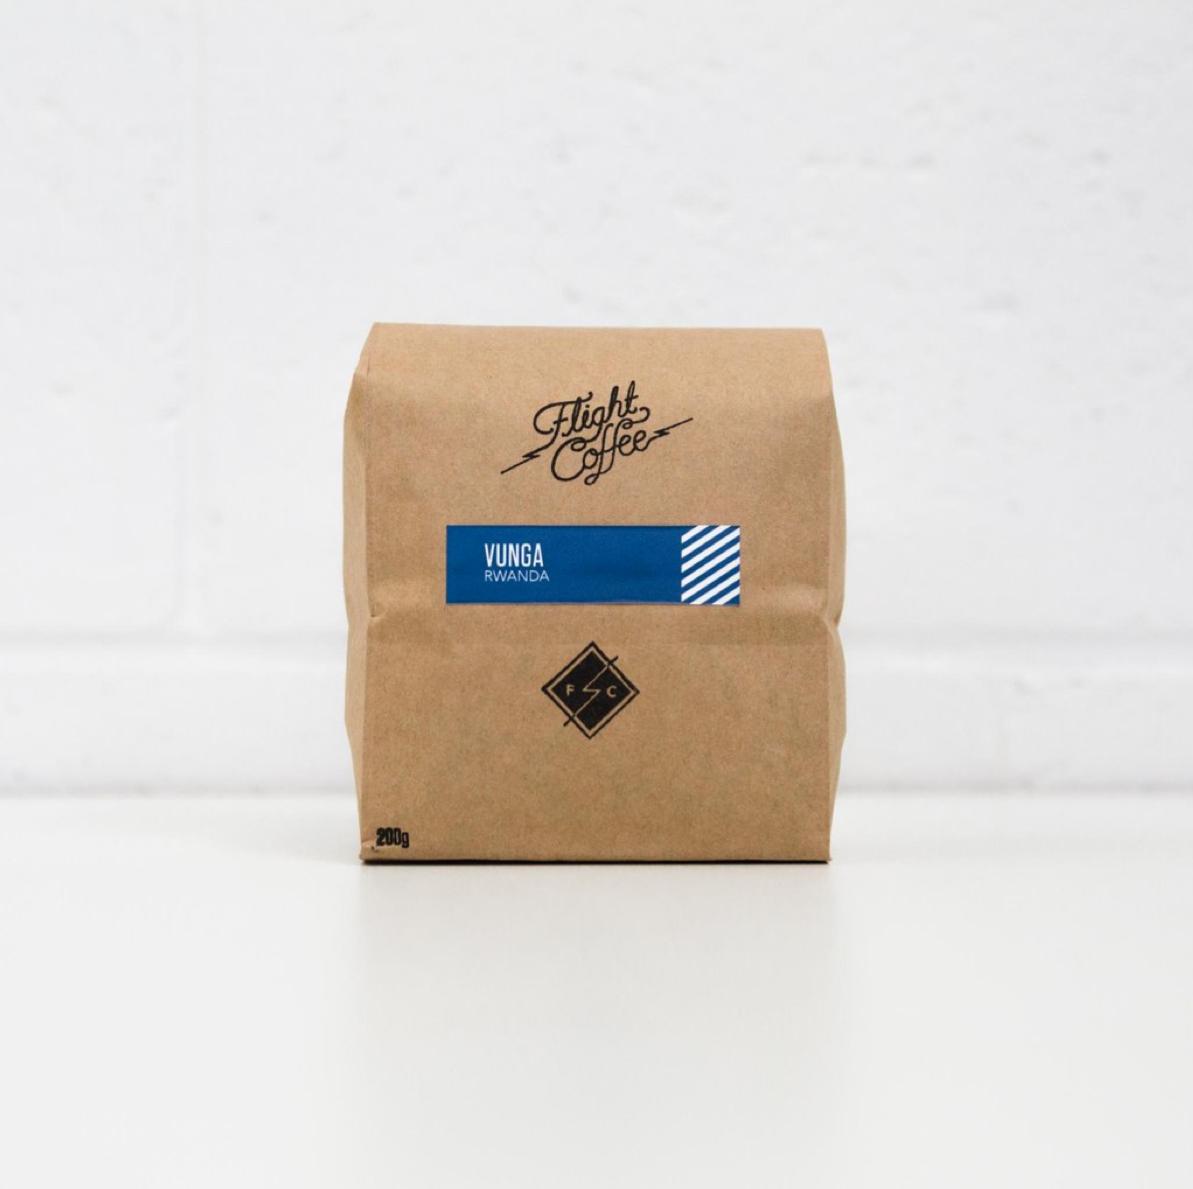 Pin by Chris Jordan on Coffee Bags Coffee, Food